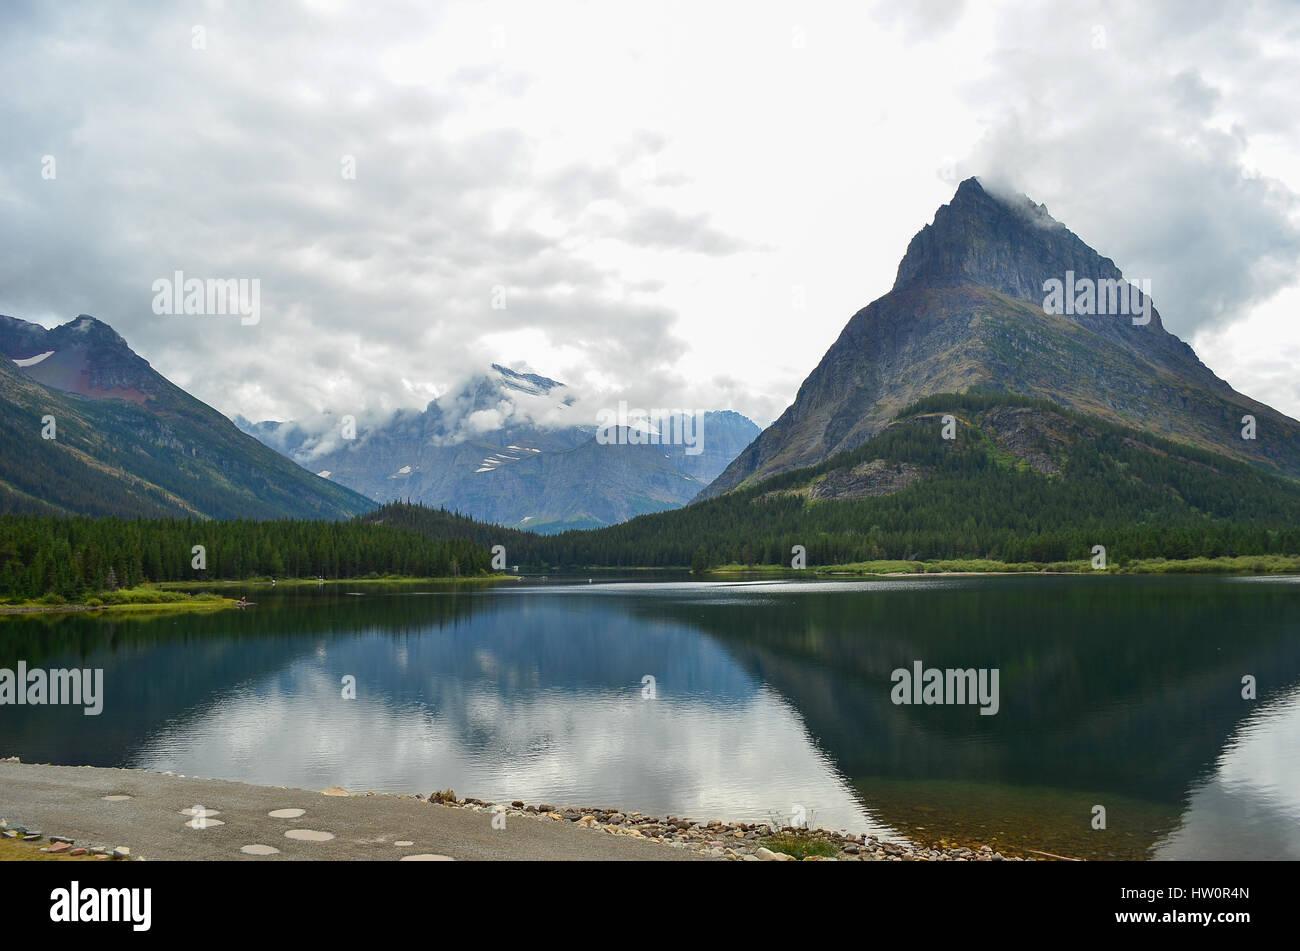 Swiftcurrent Lago & molti ghiacciai Lodge nel Parco Nazionale di Glacier, Montana, USA Foto Stock